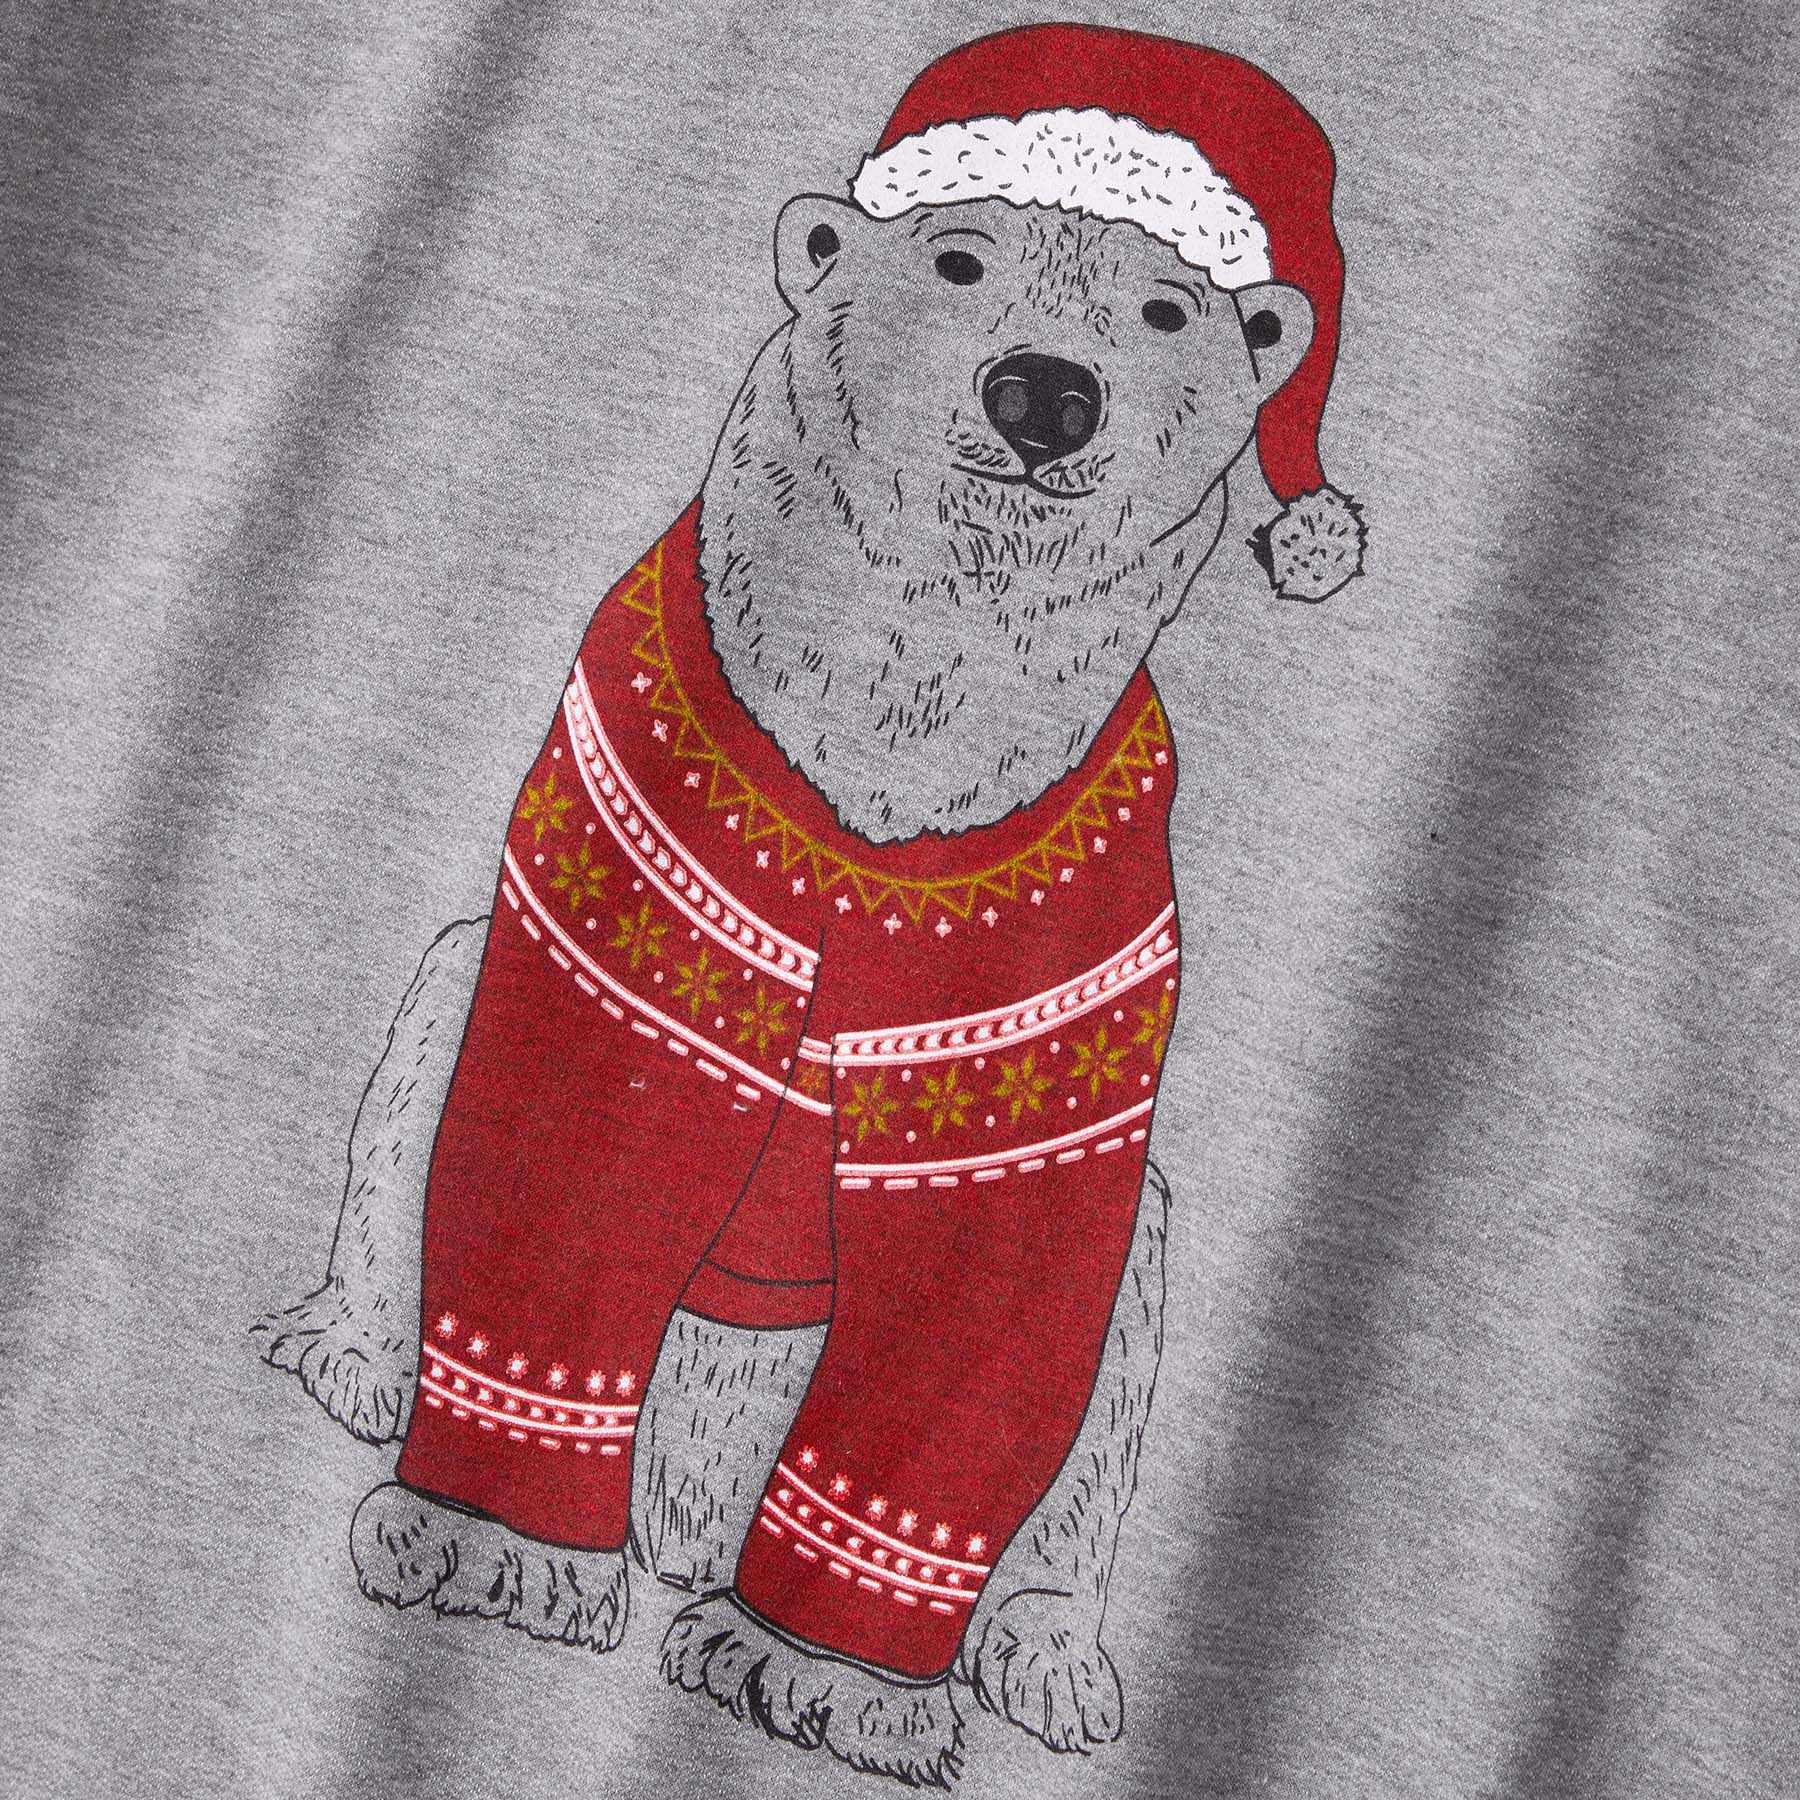 Christmas Bear ยาวลายสก๊อตครอบครัวเสื้อฤดูใบไม้ร่วงสบายๆการ์ตูนการ์ตูนเด็ก